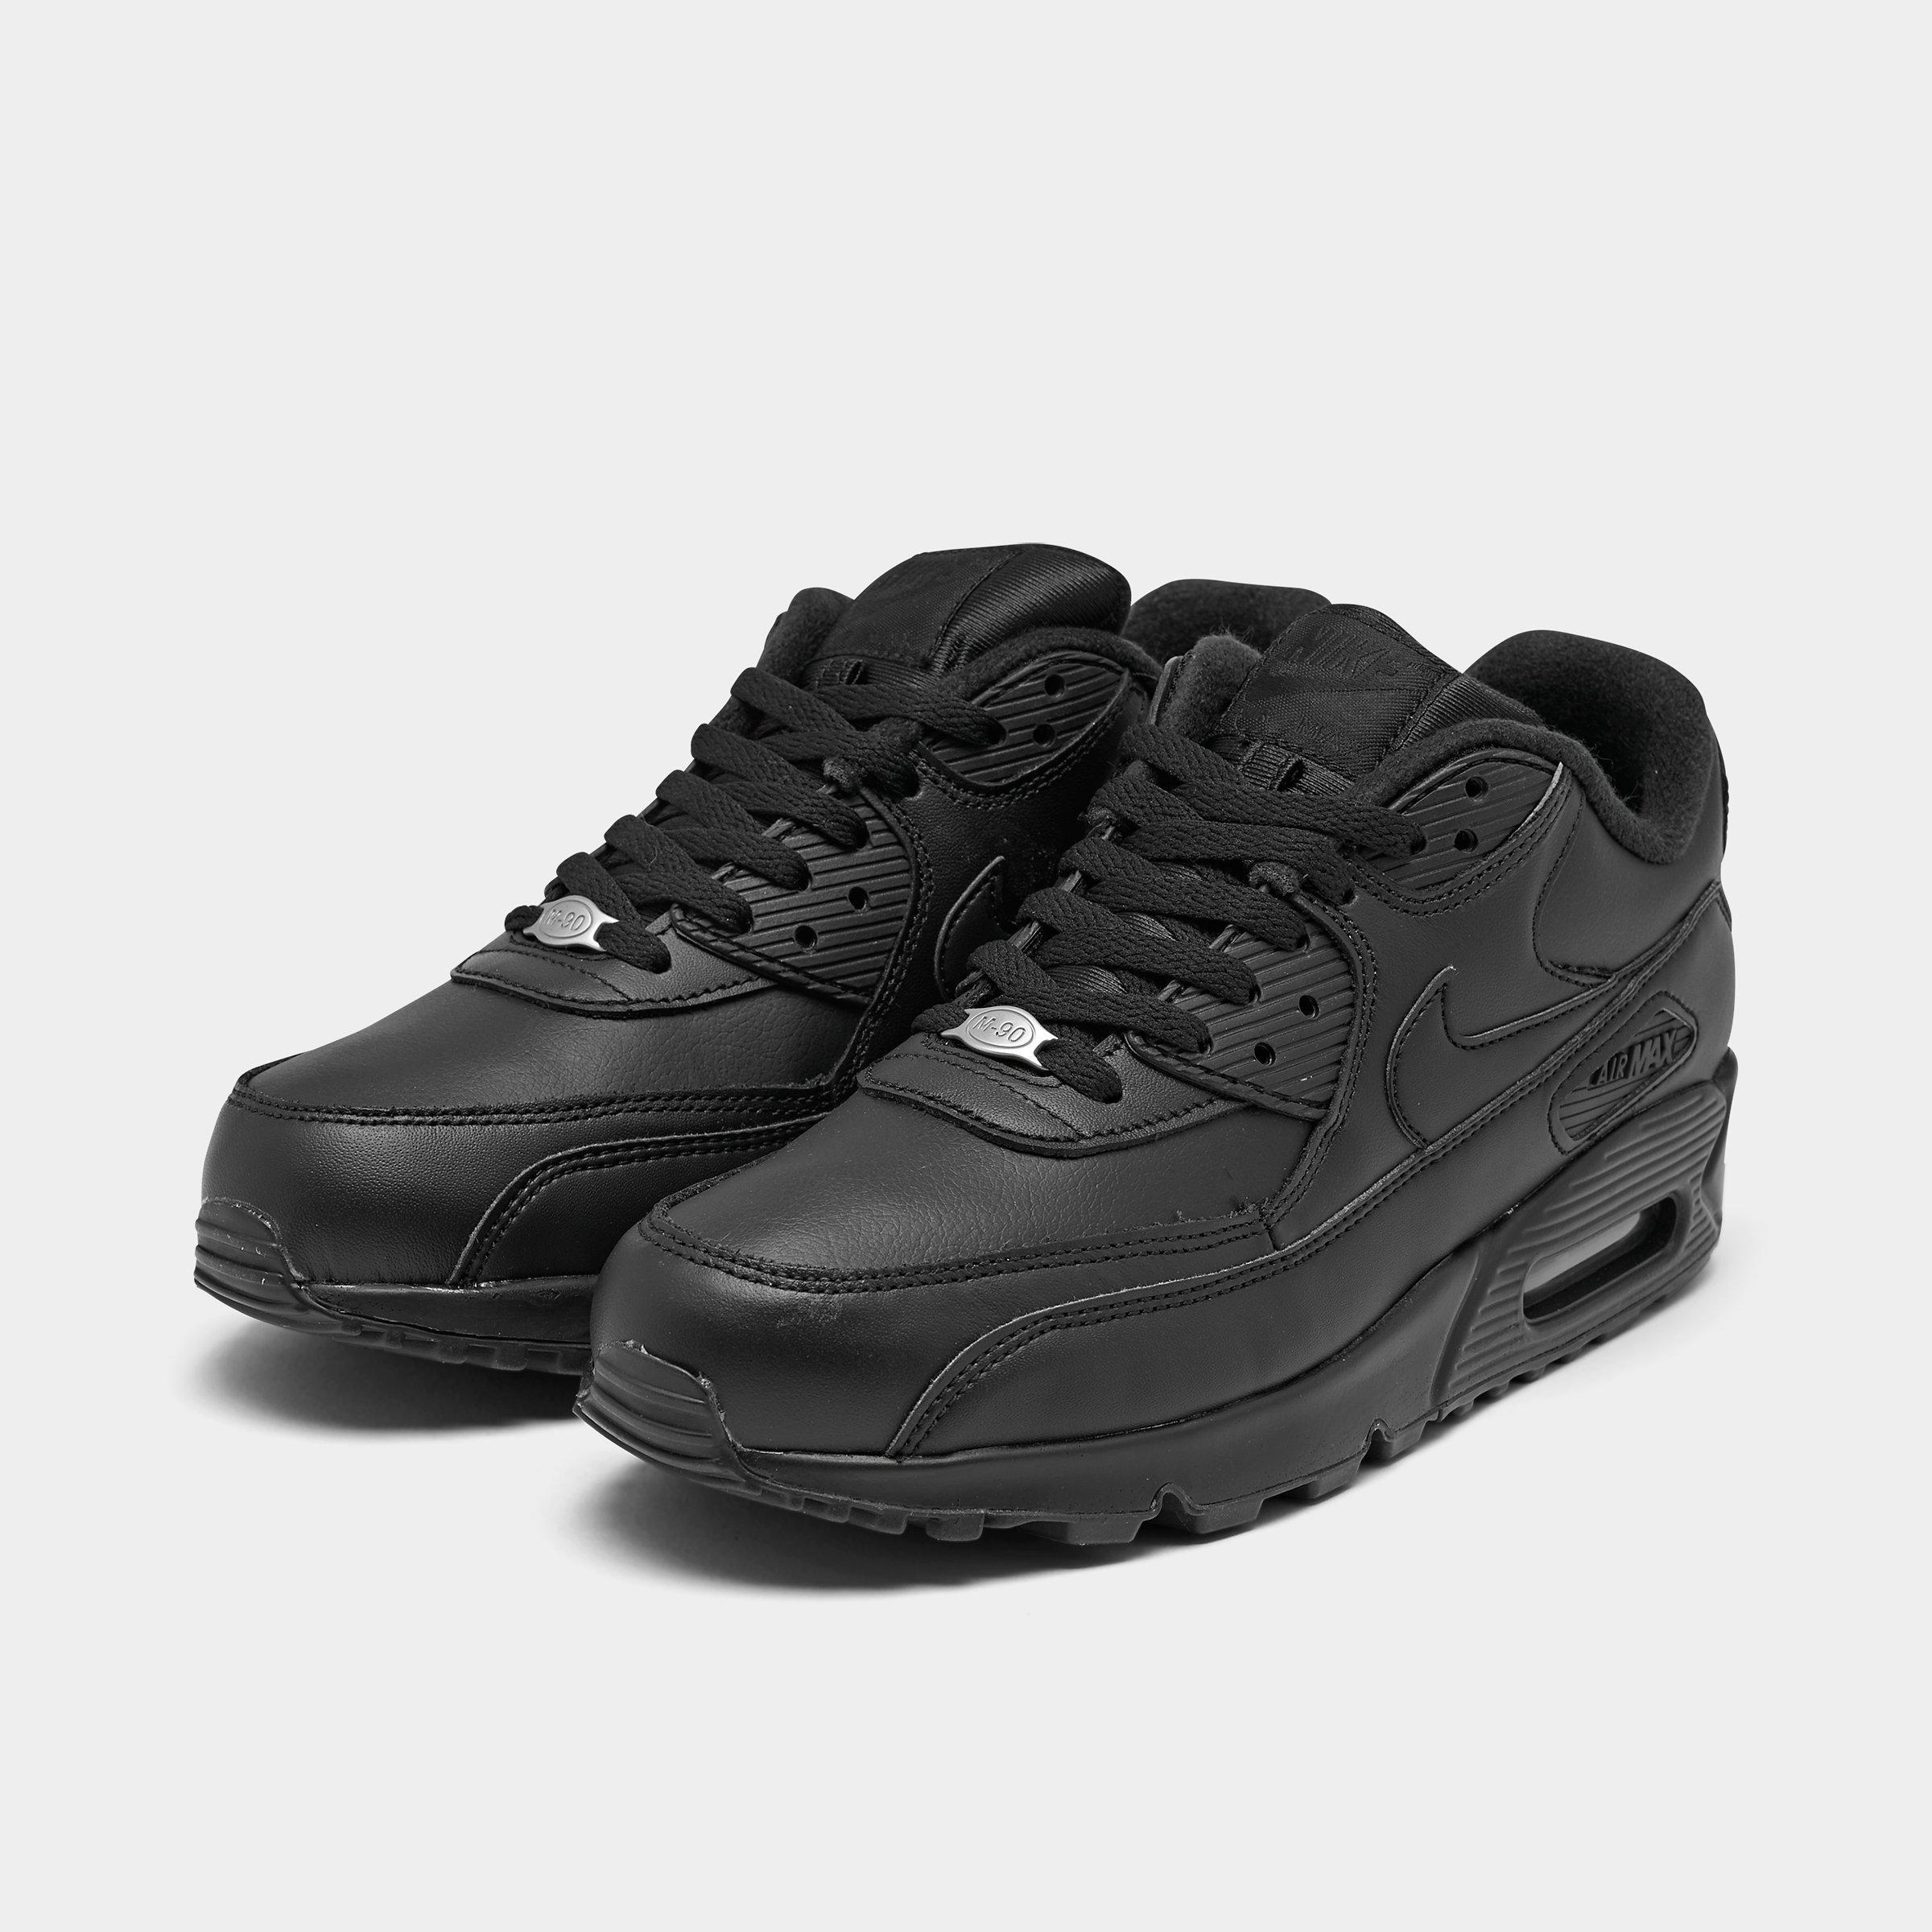 air max 90 all black